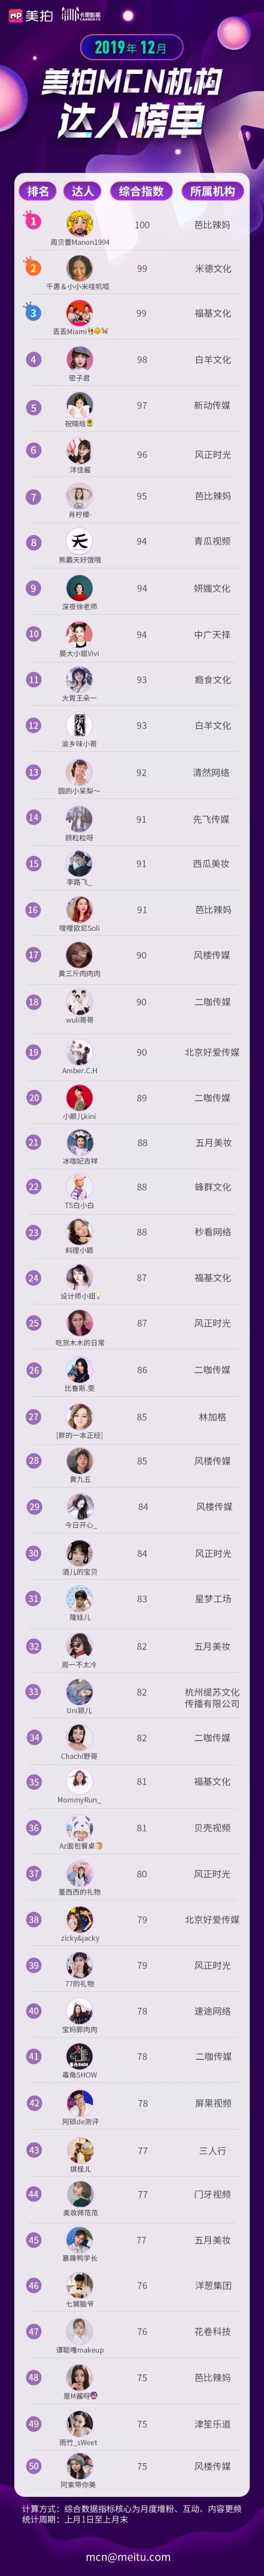 美拍MCN达人榜单